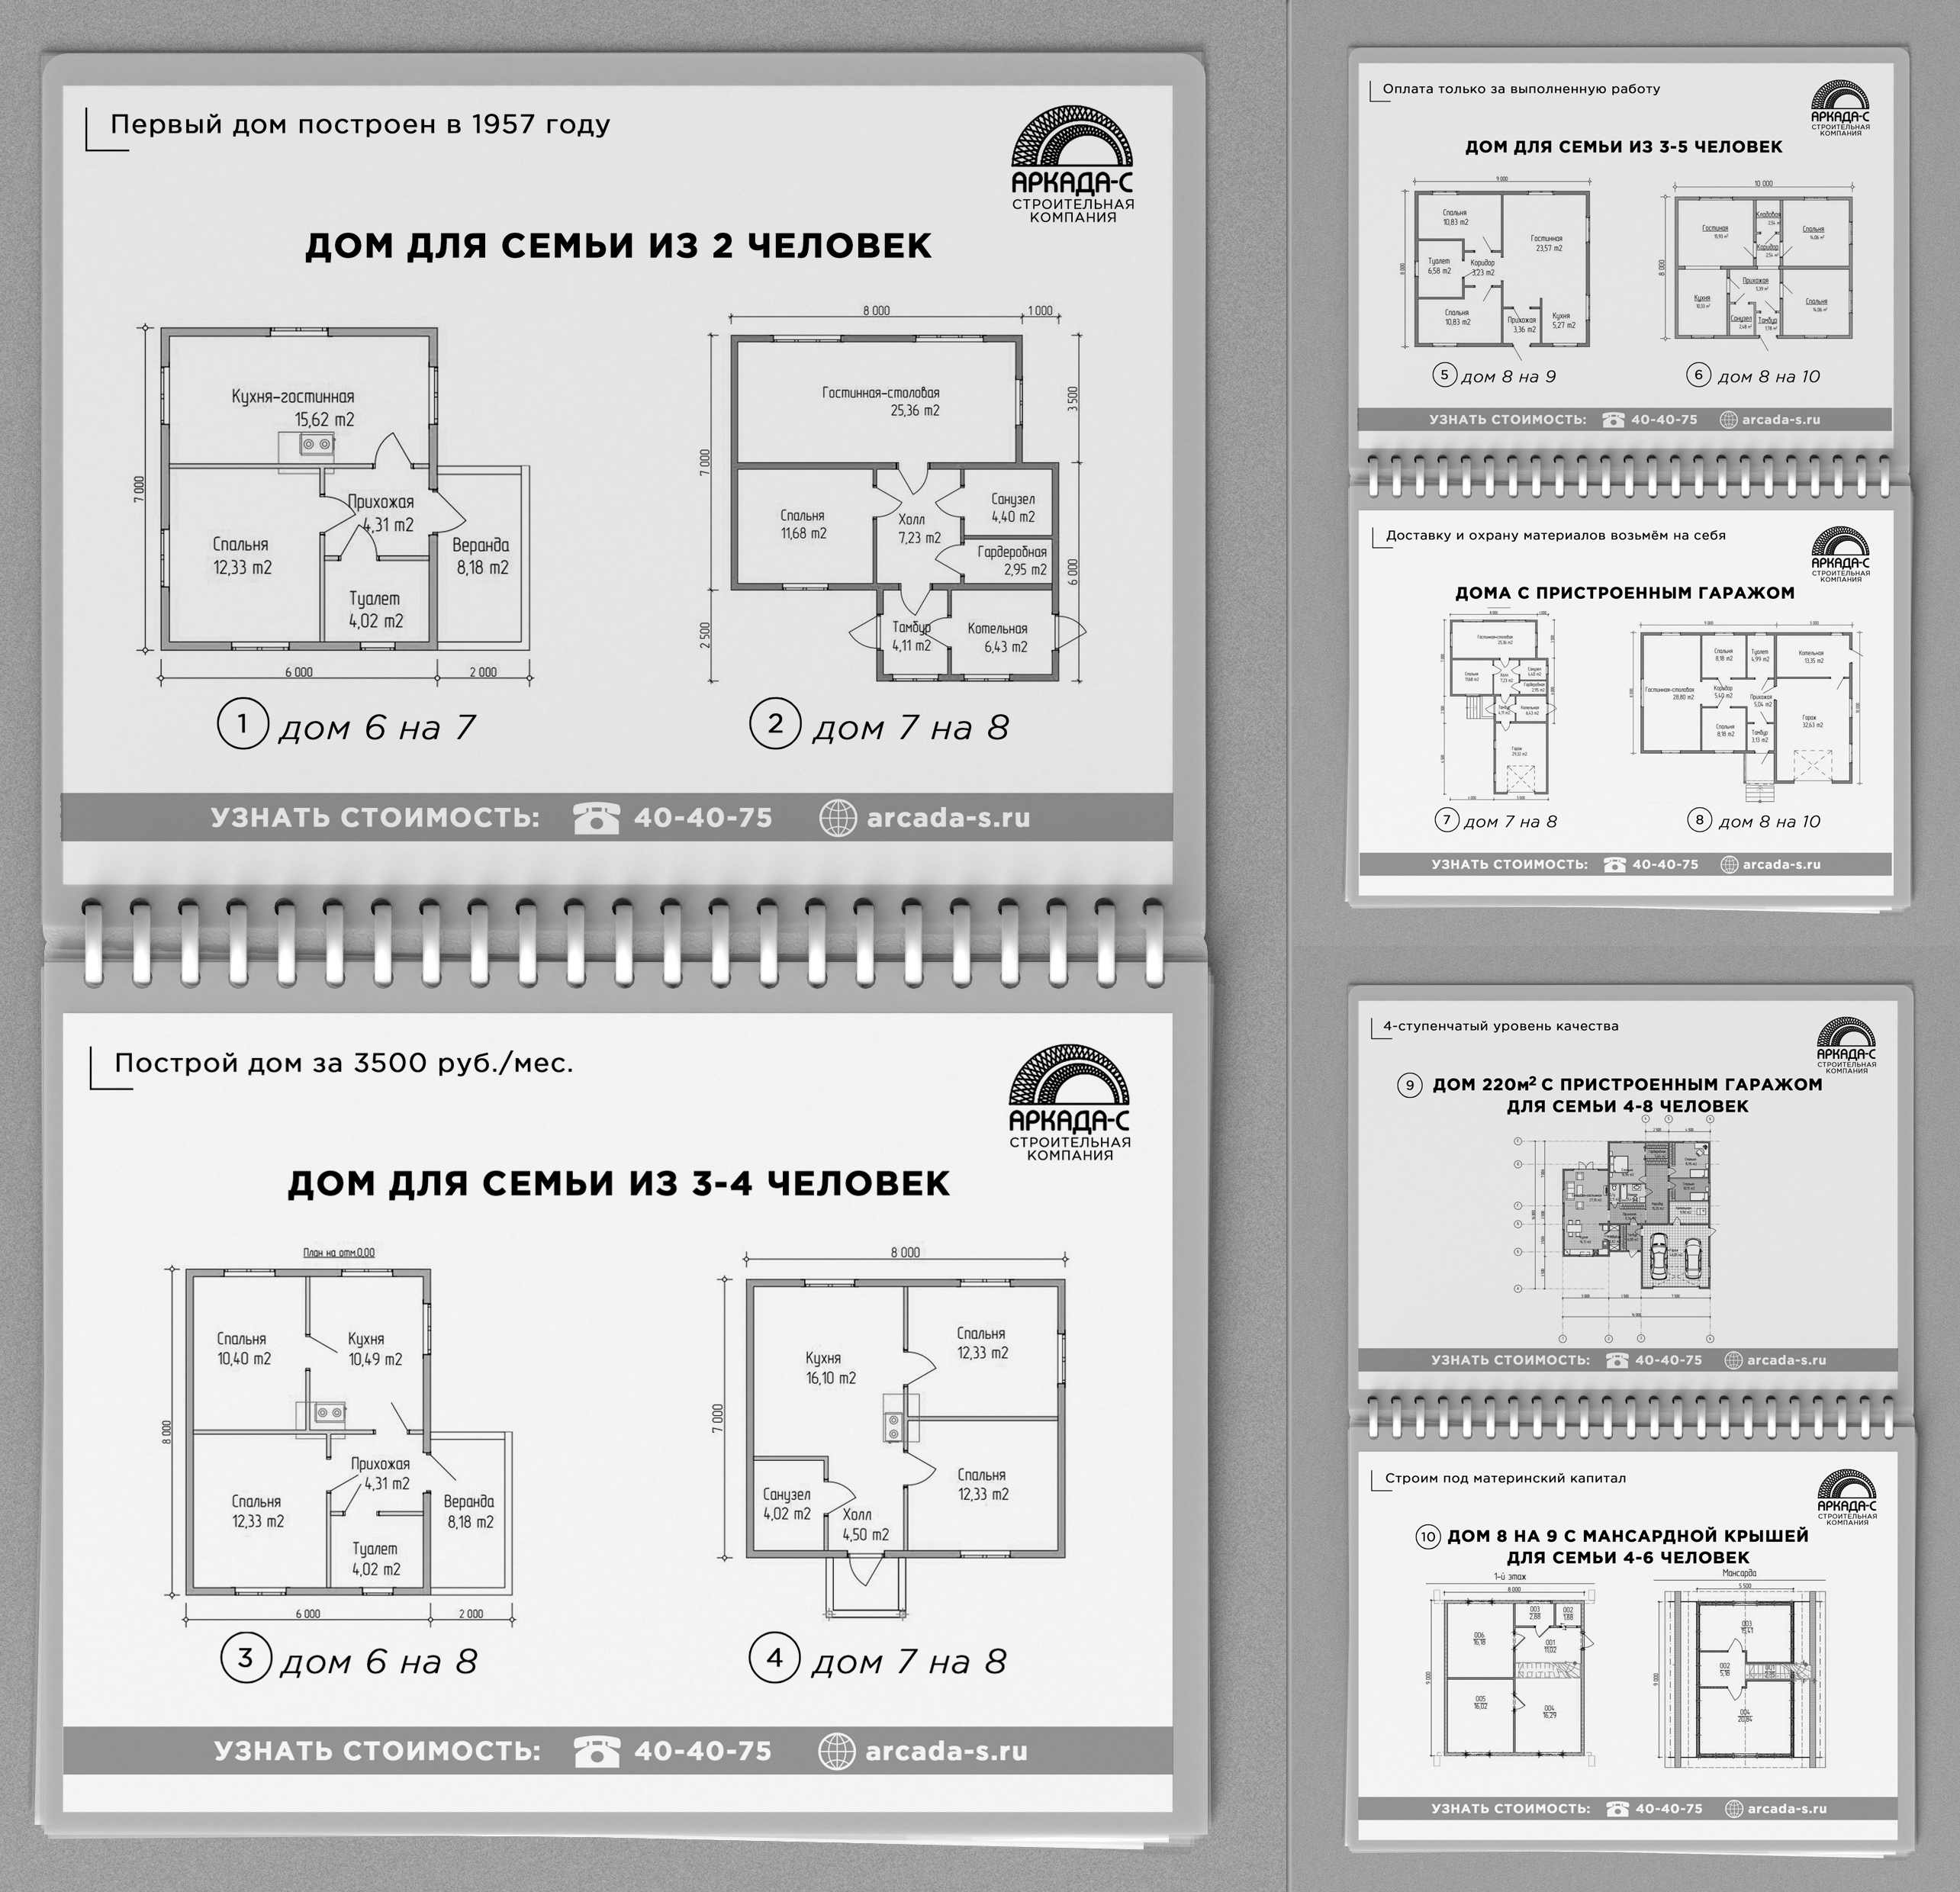 Мини-каталог для строительной фирмы (формат а5)